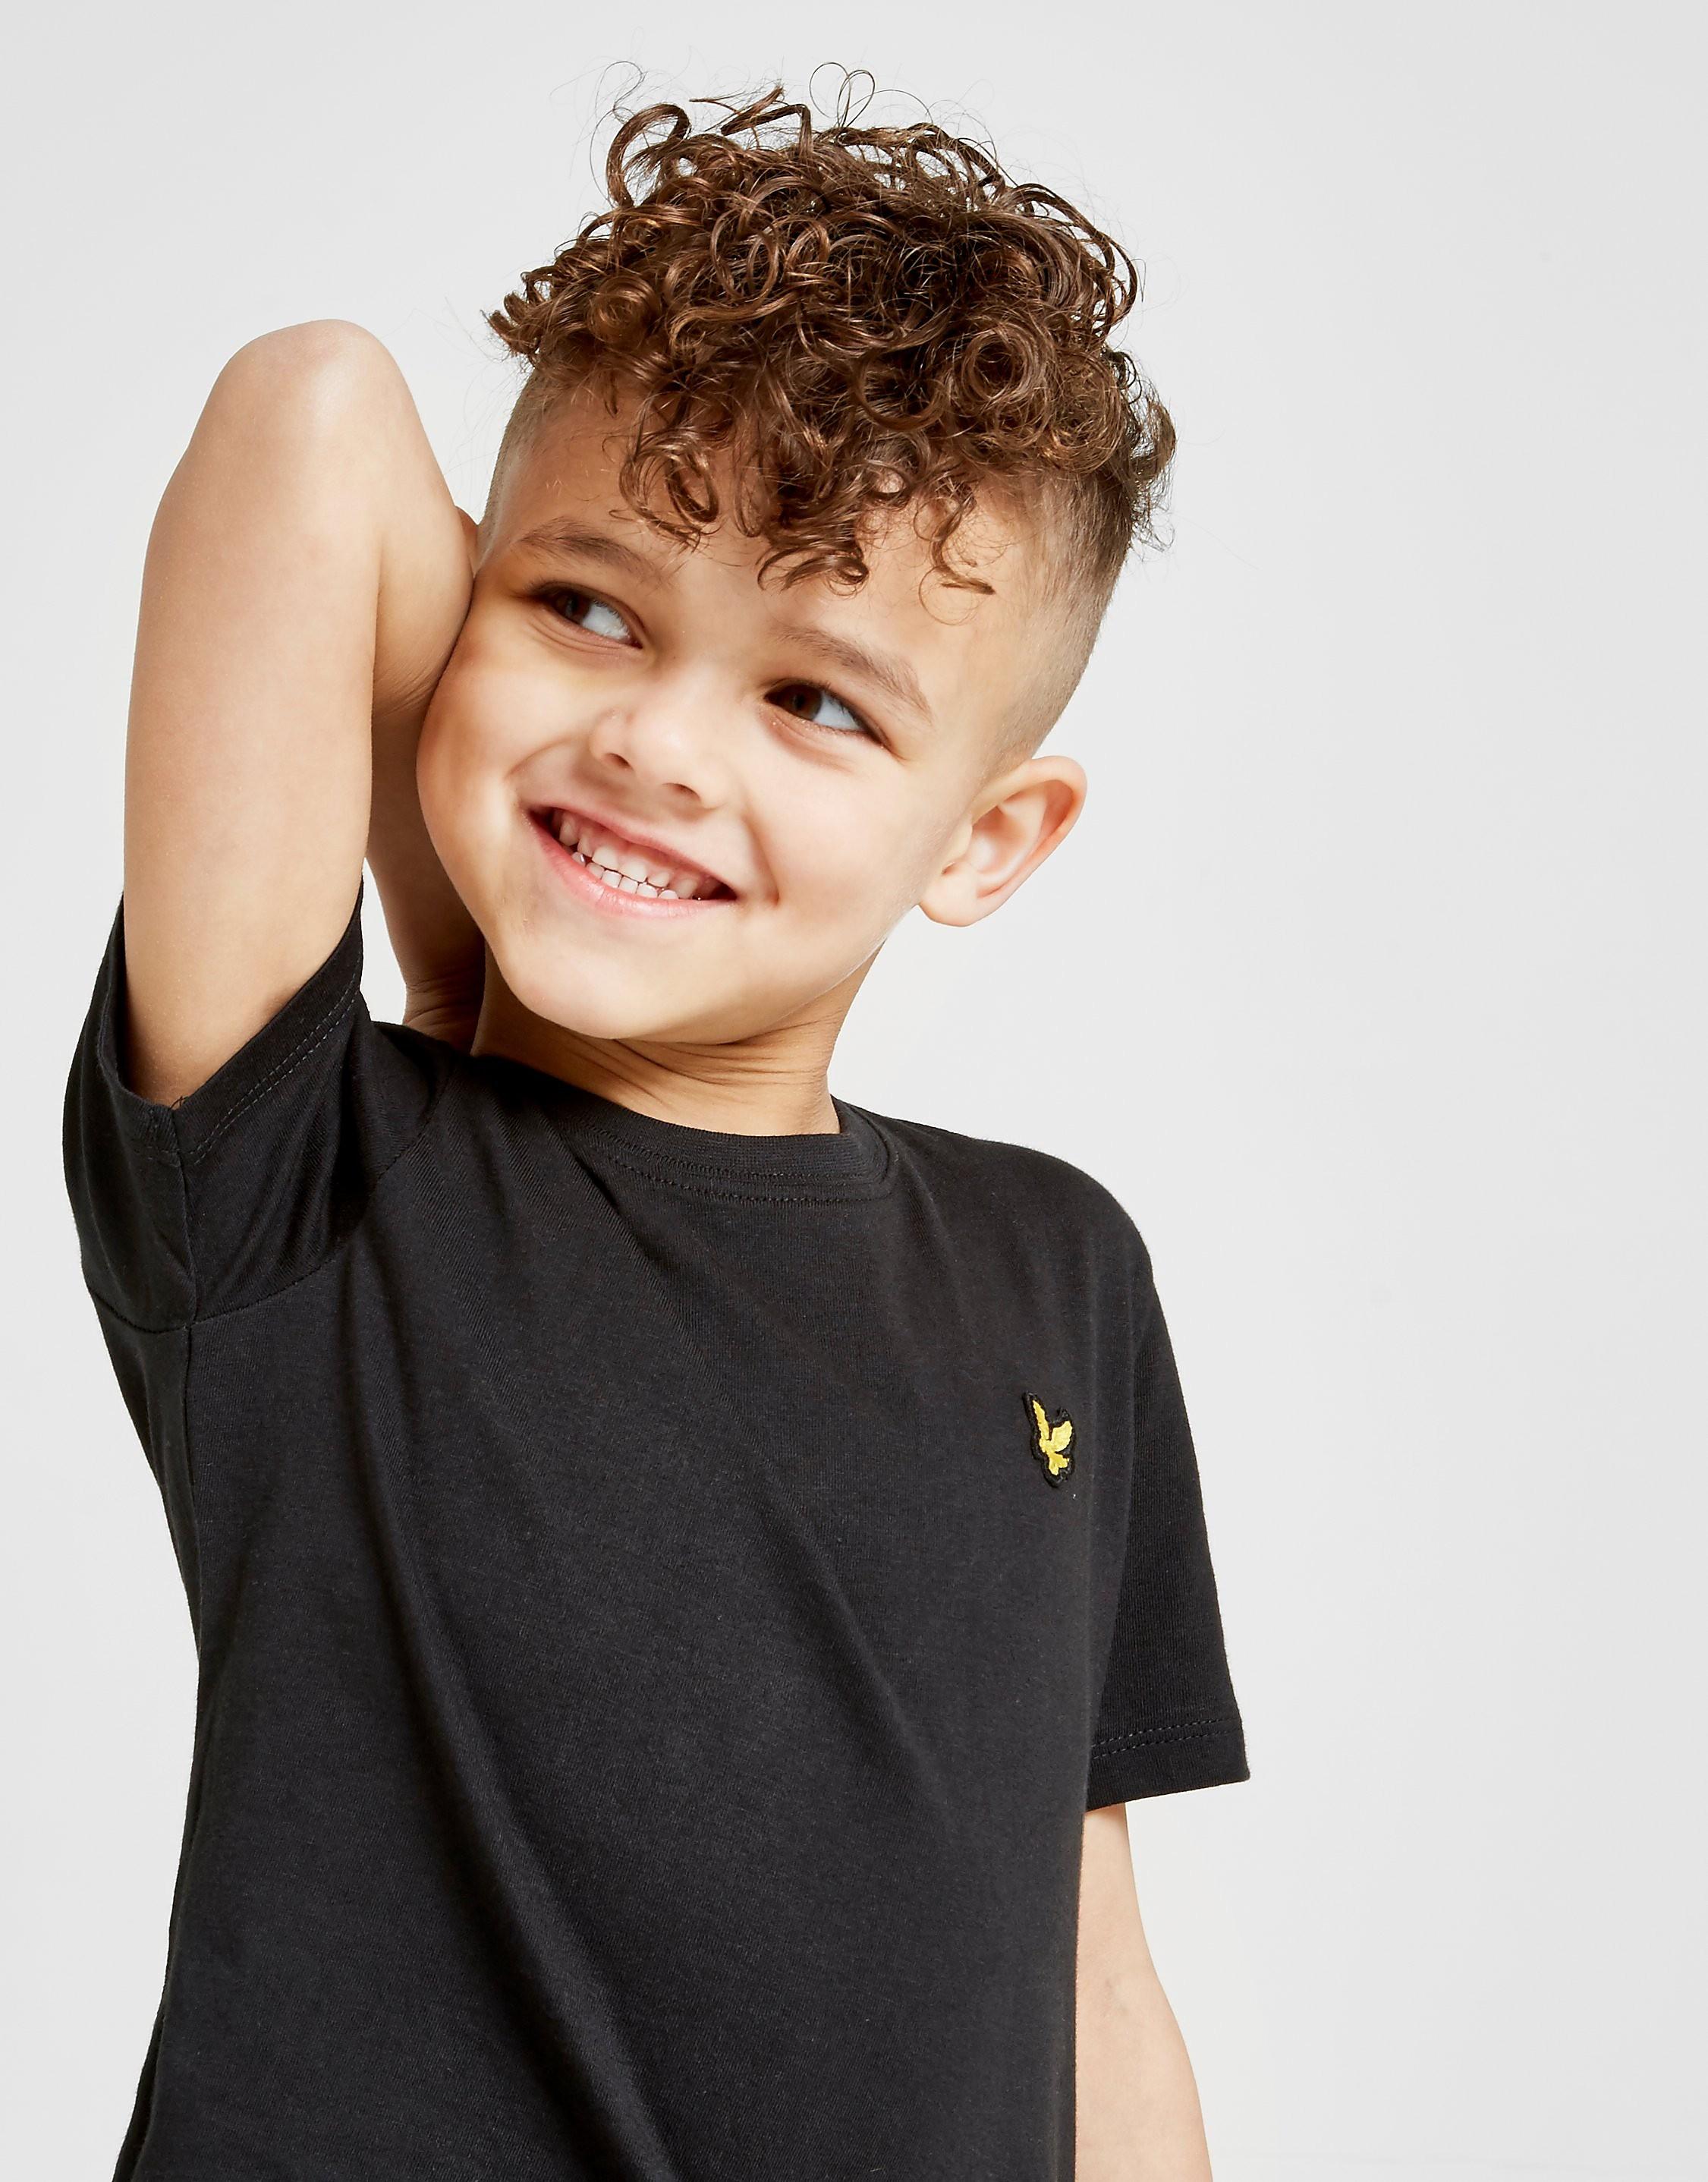 Lyle & Scott Small Logo T-Shirt Children - Zwart - Kind